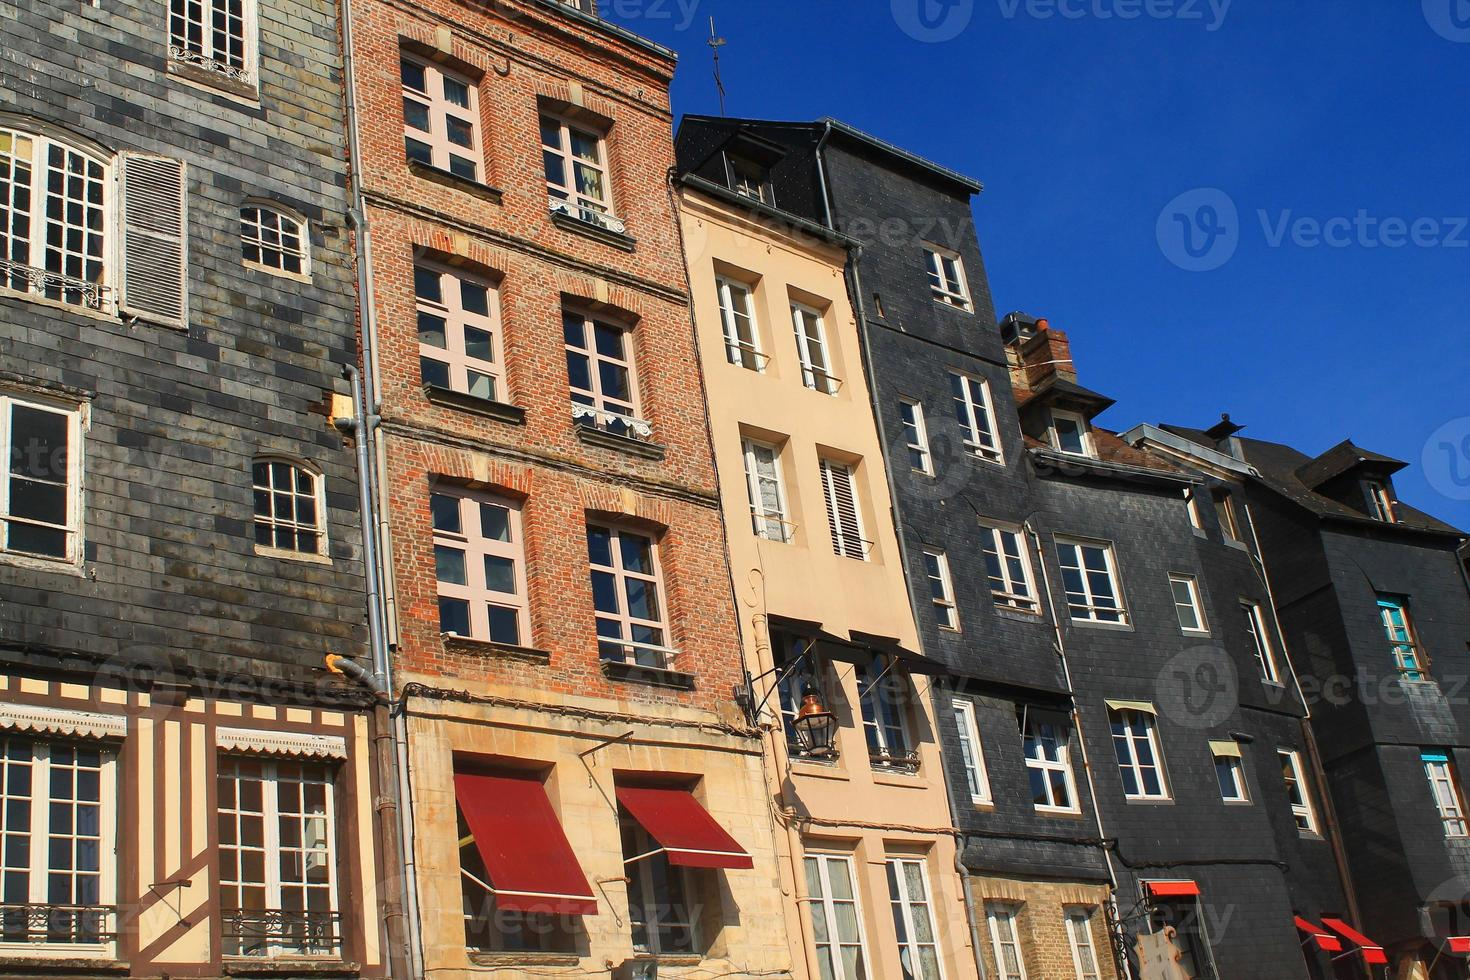 facciate d'ardoise au vieux bassin d'honfleur, francia foto